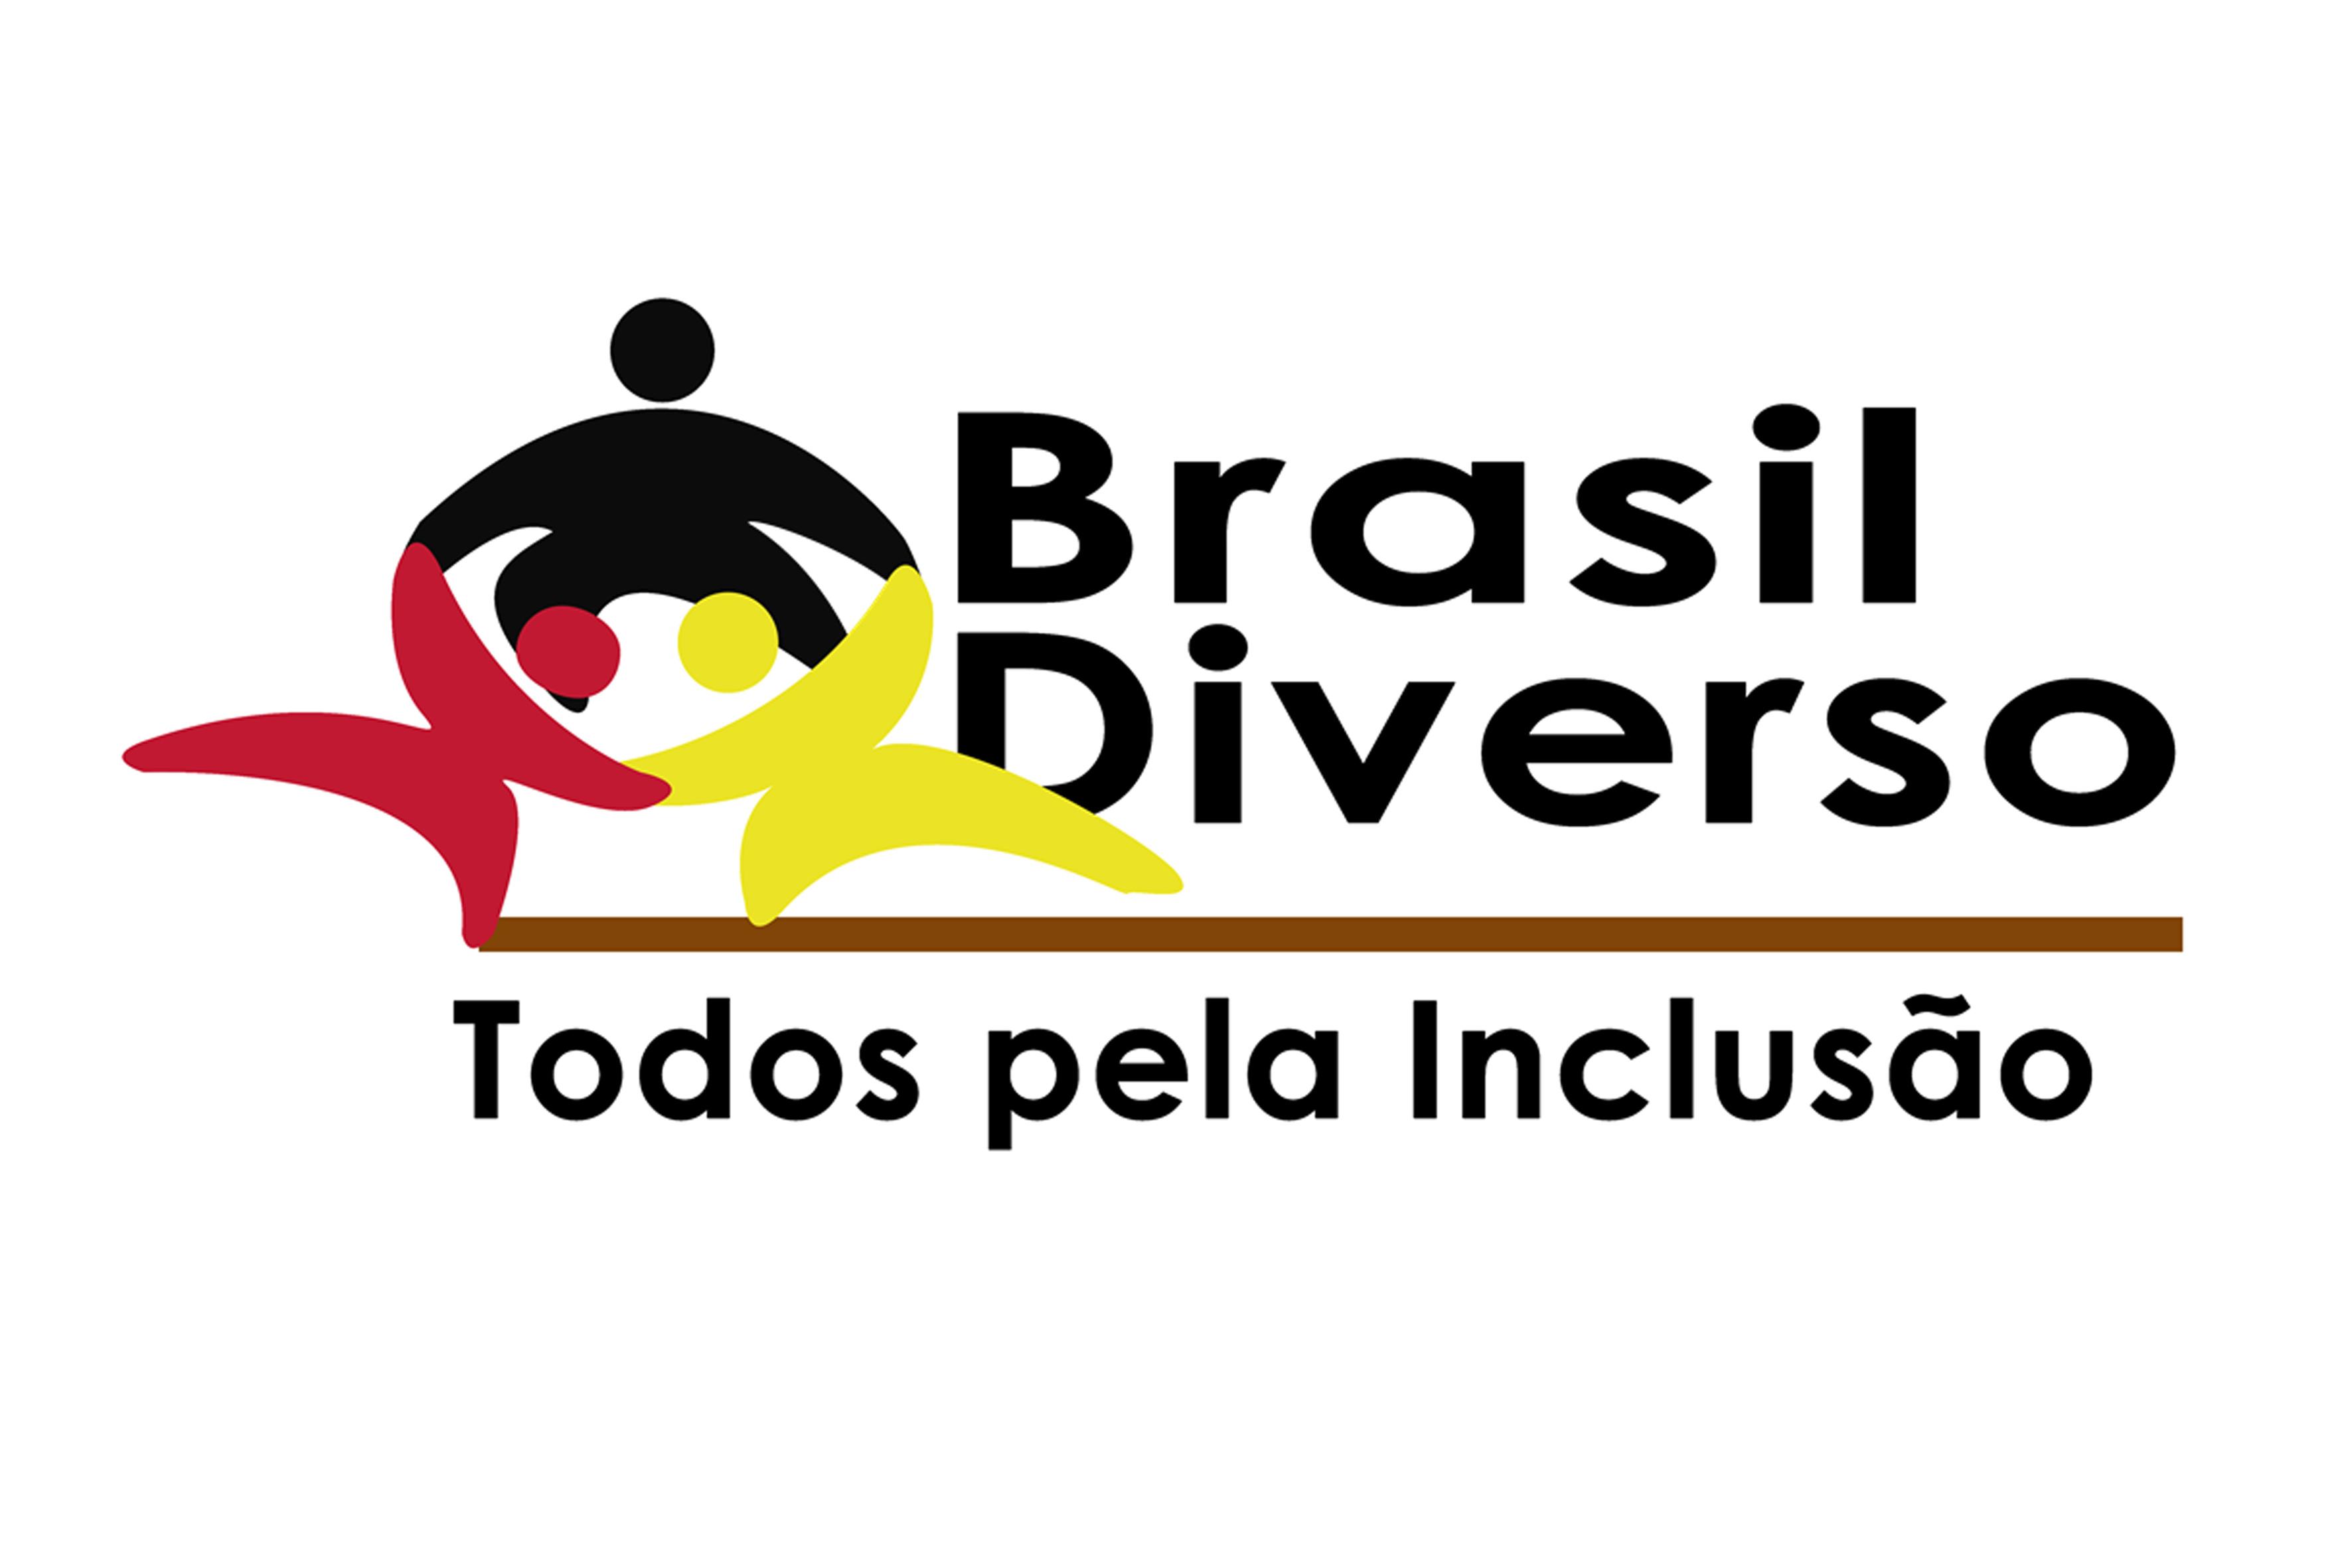 https://revistaraca.com.br/wp-content/uploads/2019/10/Logo-preto.jpg